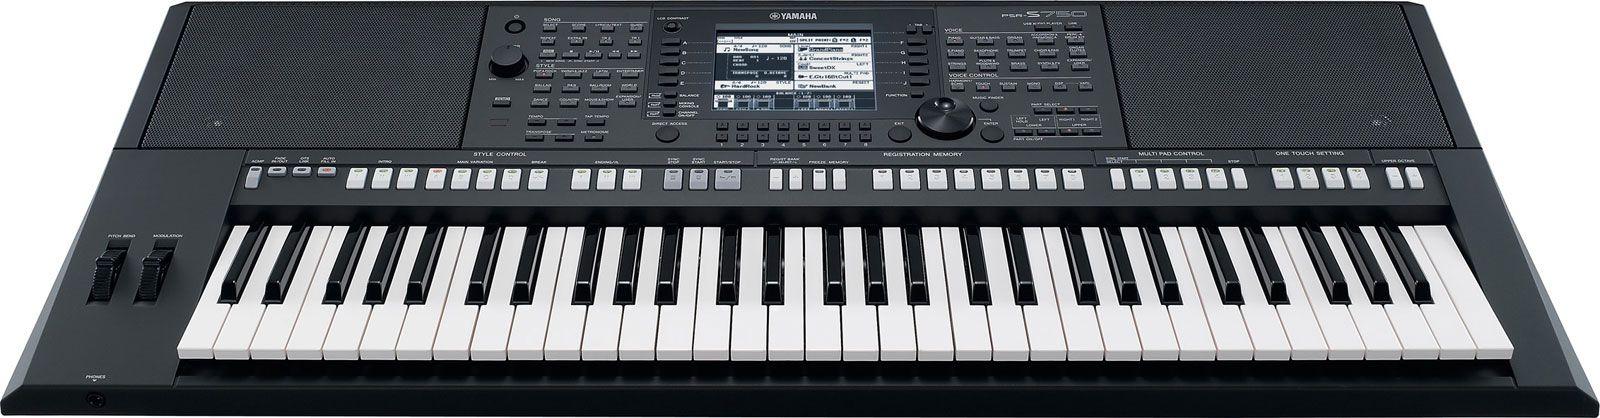 Teclado Yamaha PSR-S750 Arranjador